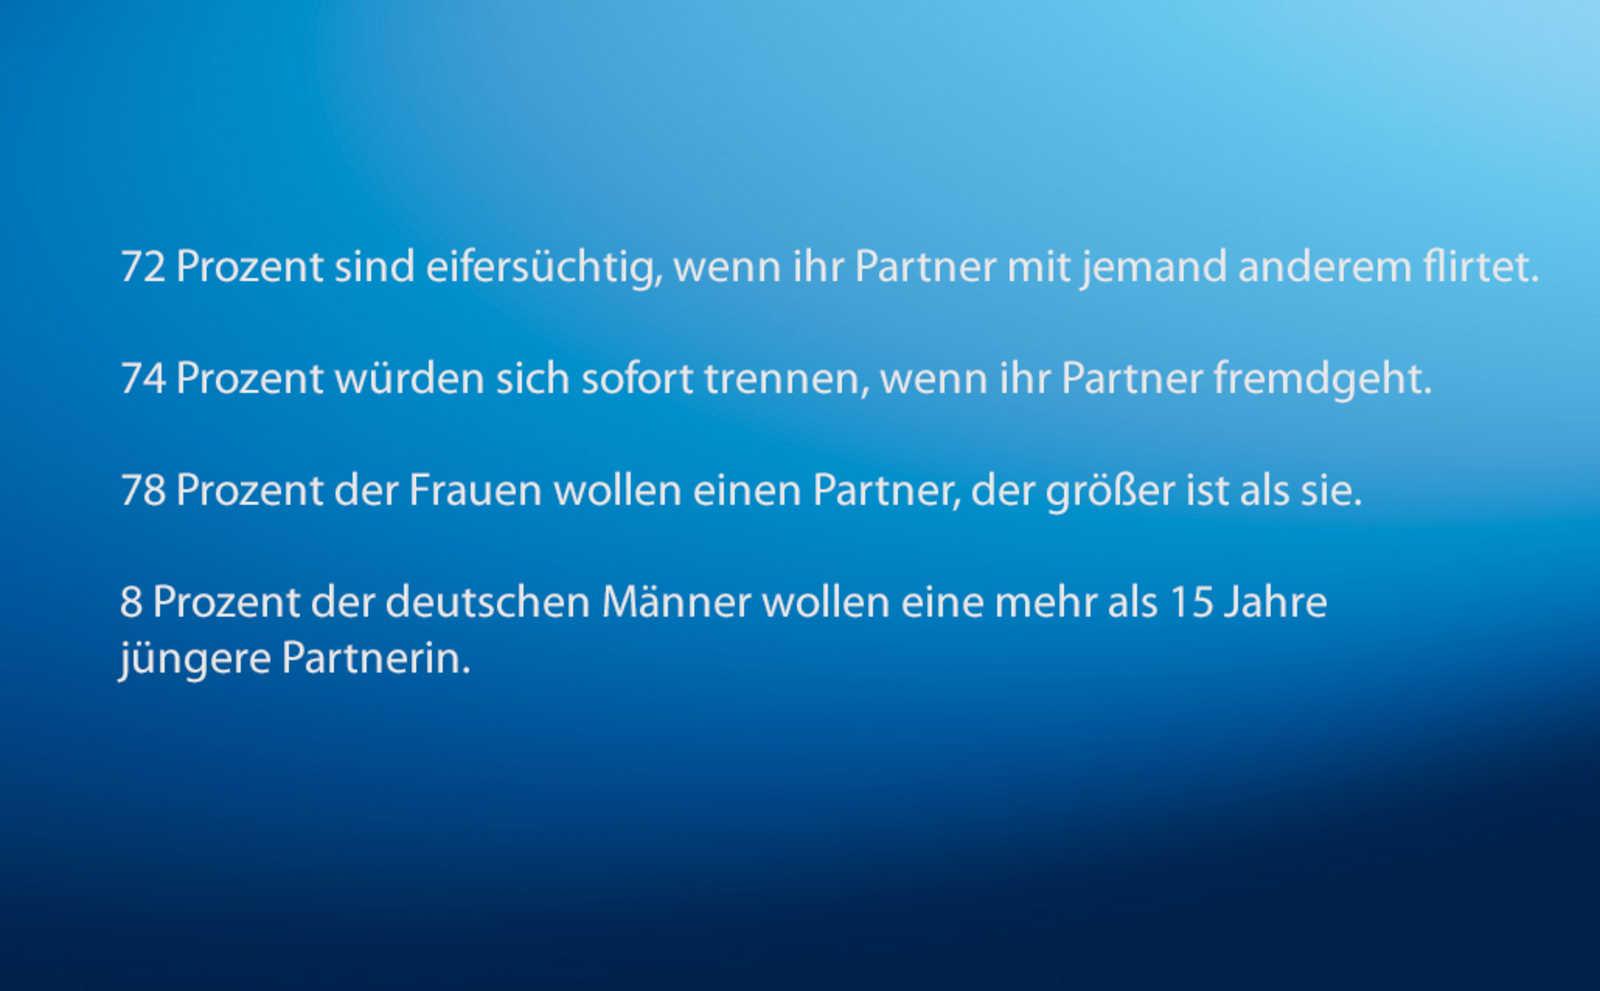 Partnervermittlung rheine Partnervermittlung das partnervermittlung rheine silke silke fritsch rheine -.